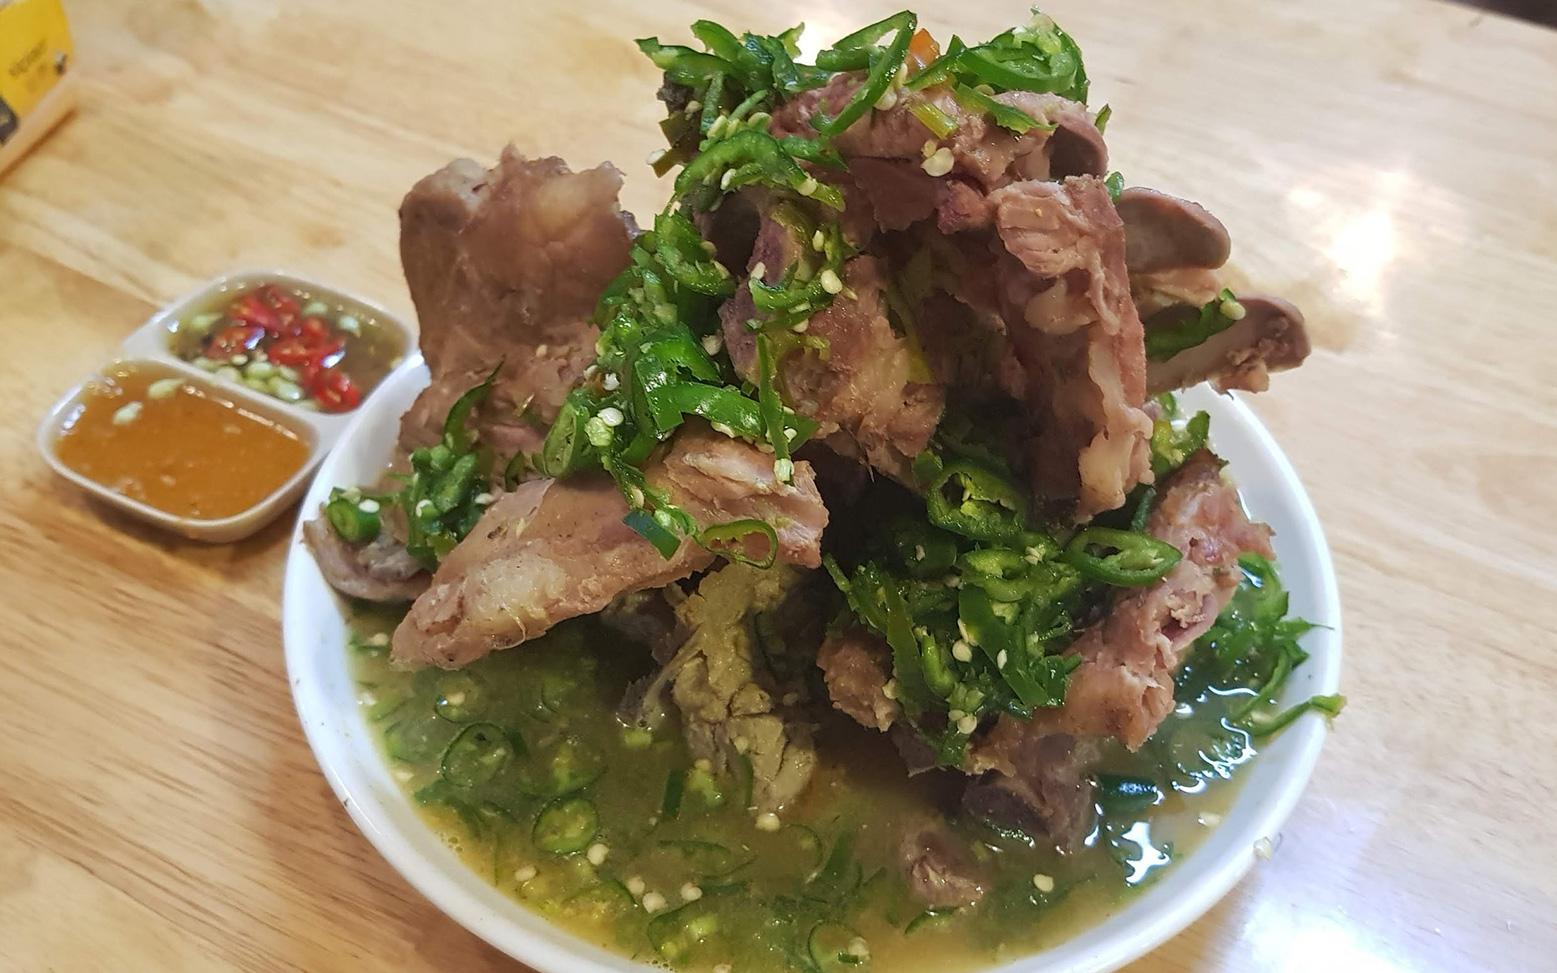 """Dân mạng chê quán ăn tại Hà Nội có món sườn cay khổng lồ phong cách Thái Lan """"đượm mùi tủ lạnh"""", vậy còn thực tế ra sao, liệu có như lời đồn?"""